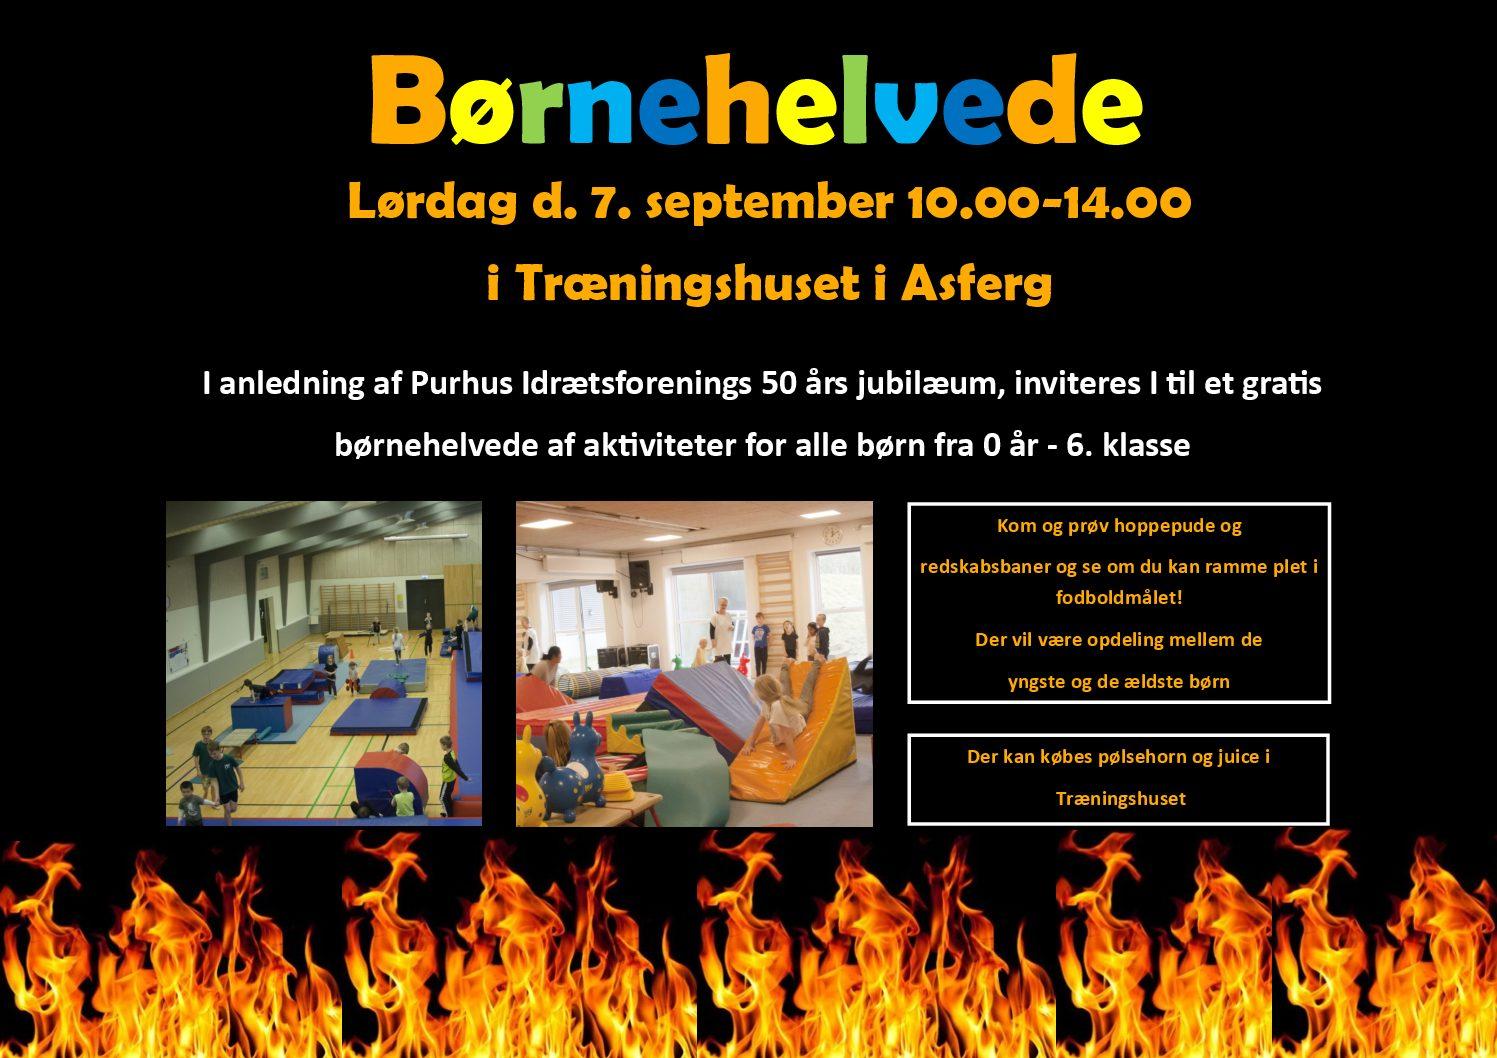 Børnehelvede lørdag 7. september 10.00-14.00